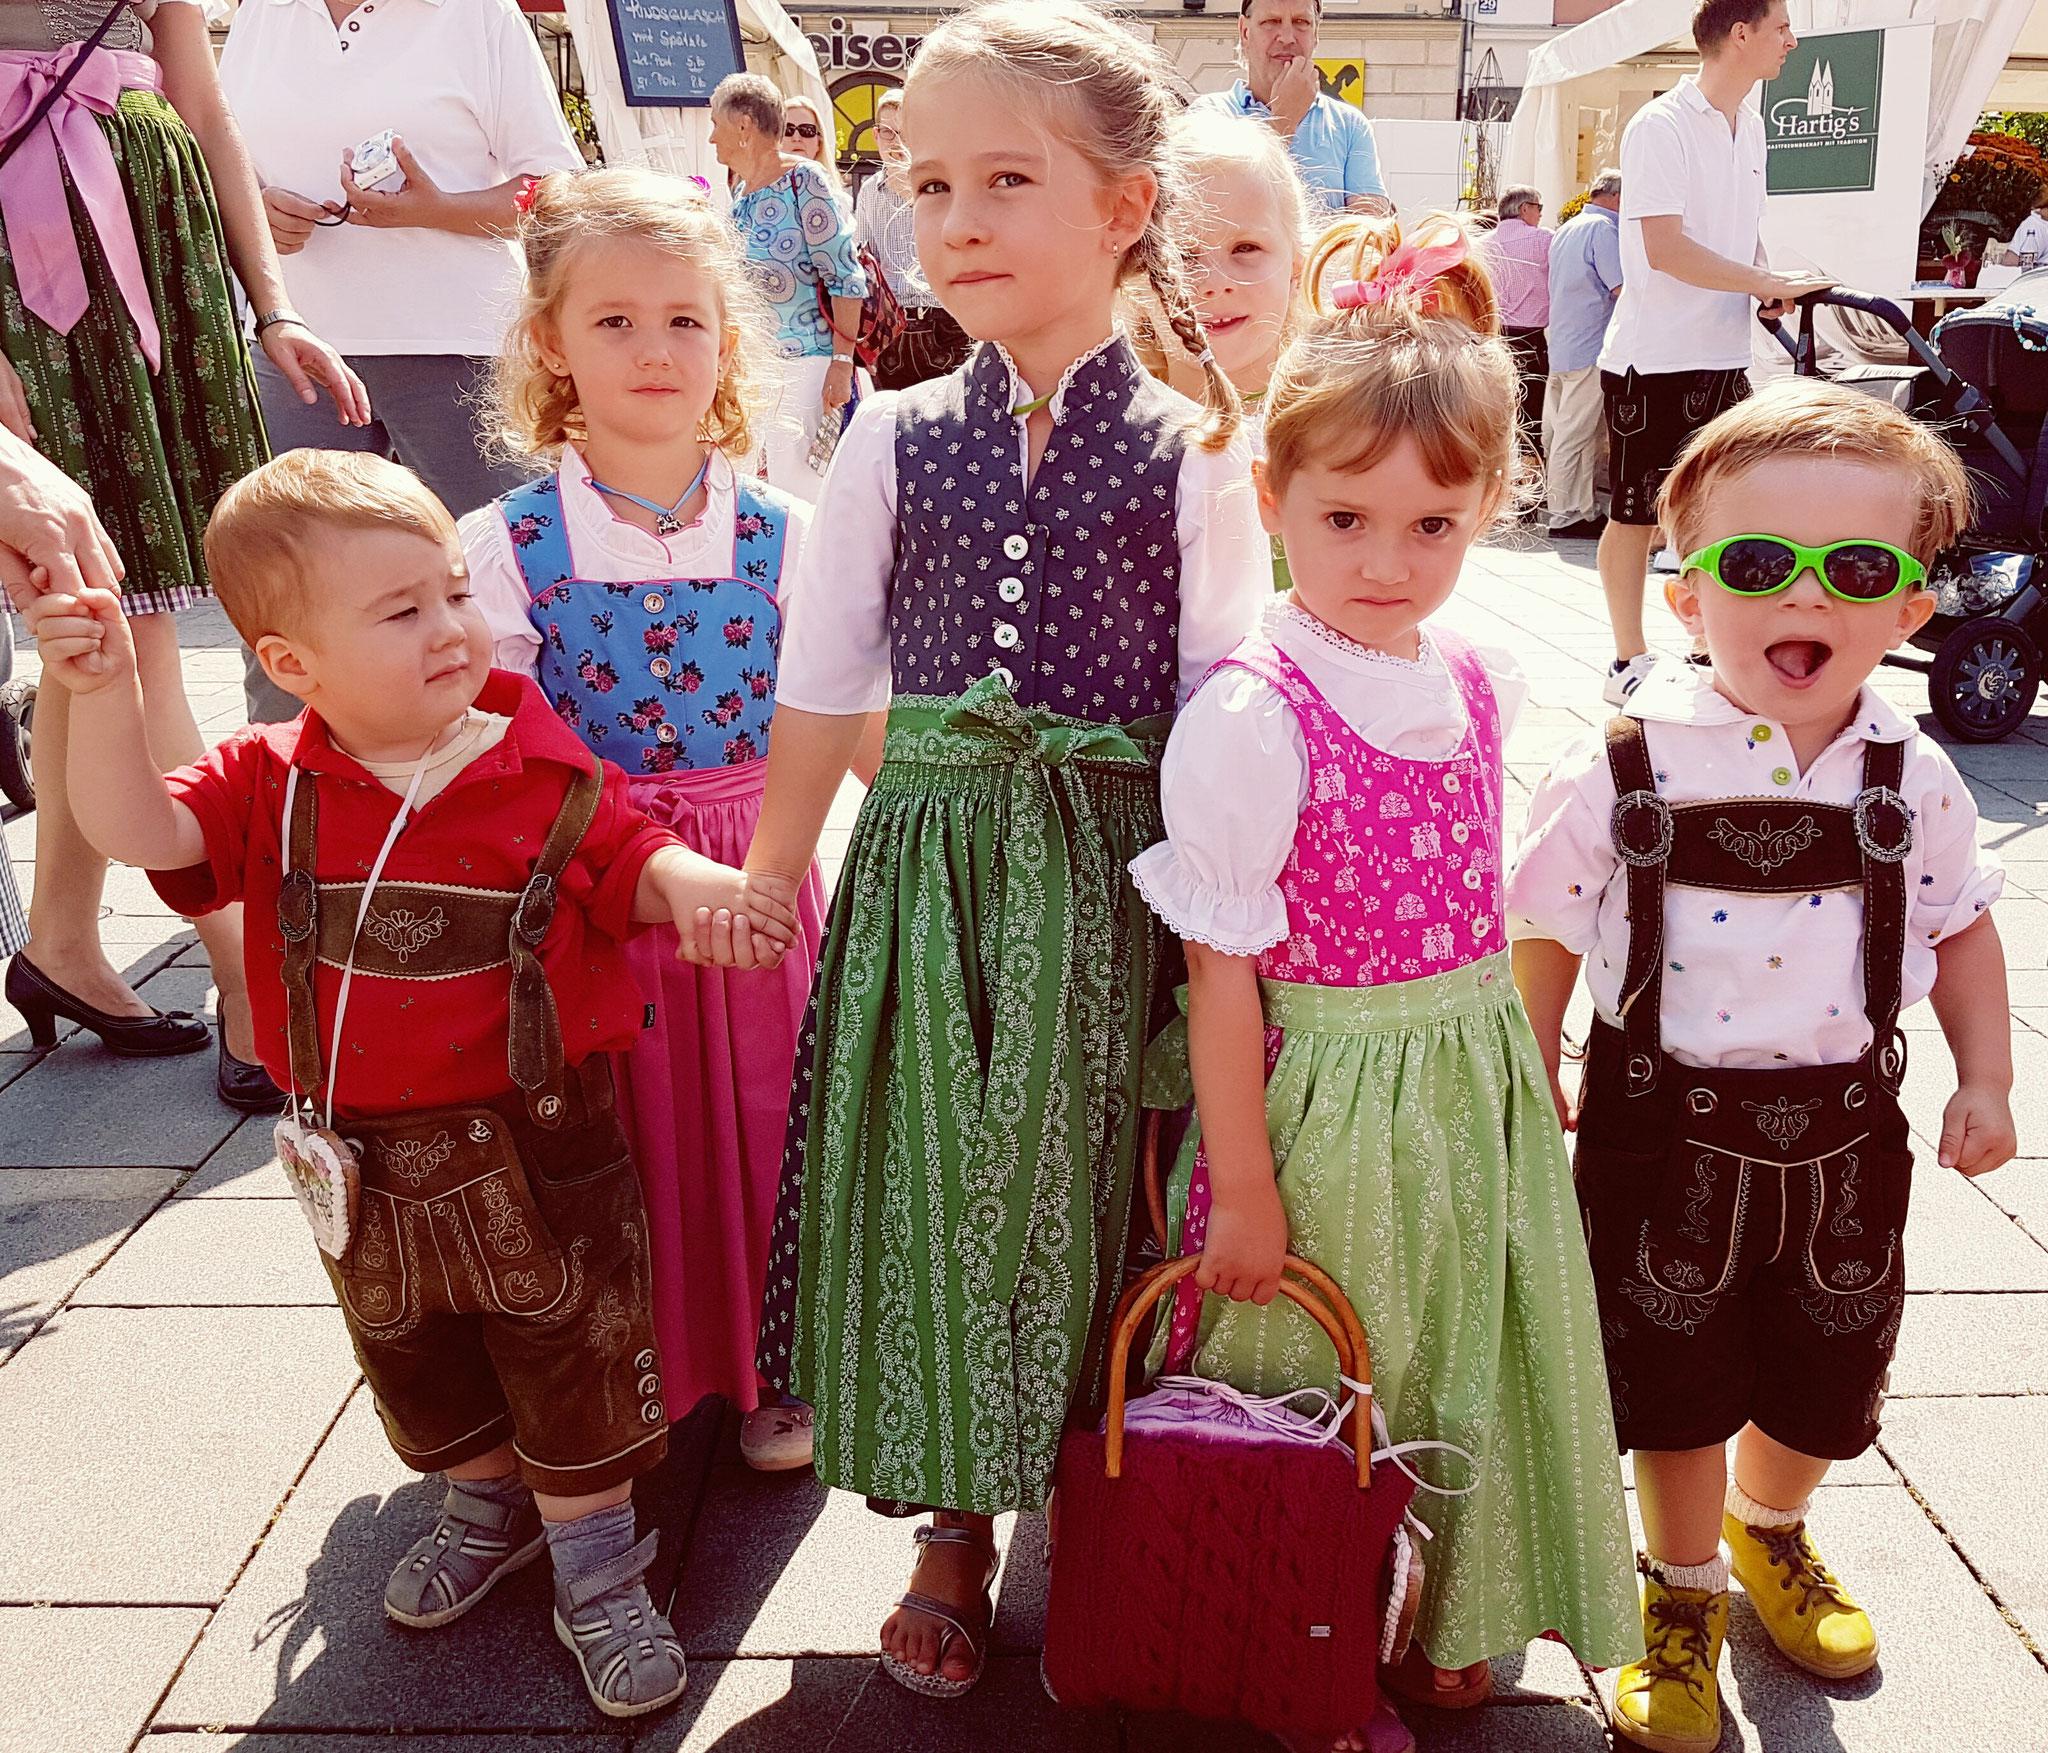 Kindertracht aus der Rosengasse 14 - vor der Modeschau am Hauptplatz